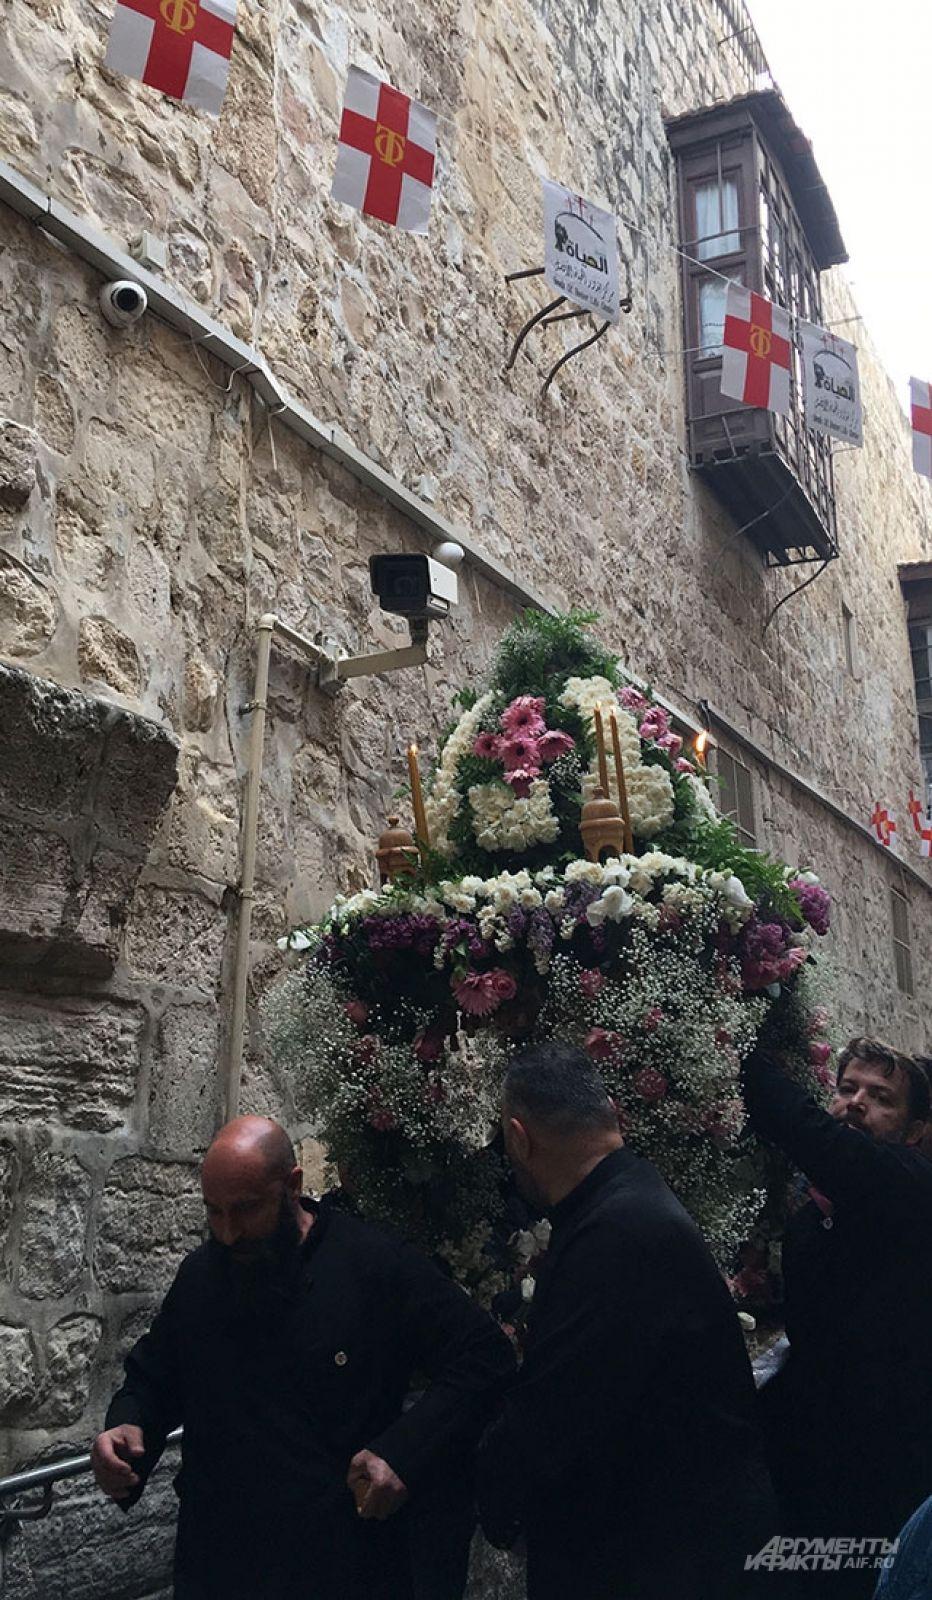 Одна из пасхальных процессий в Старом городе.